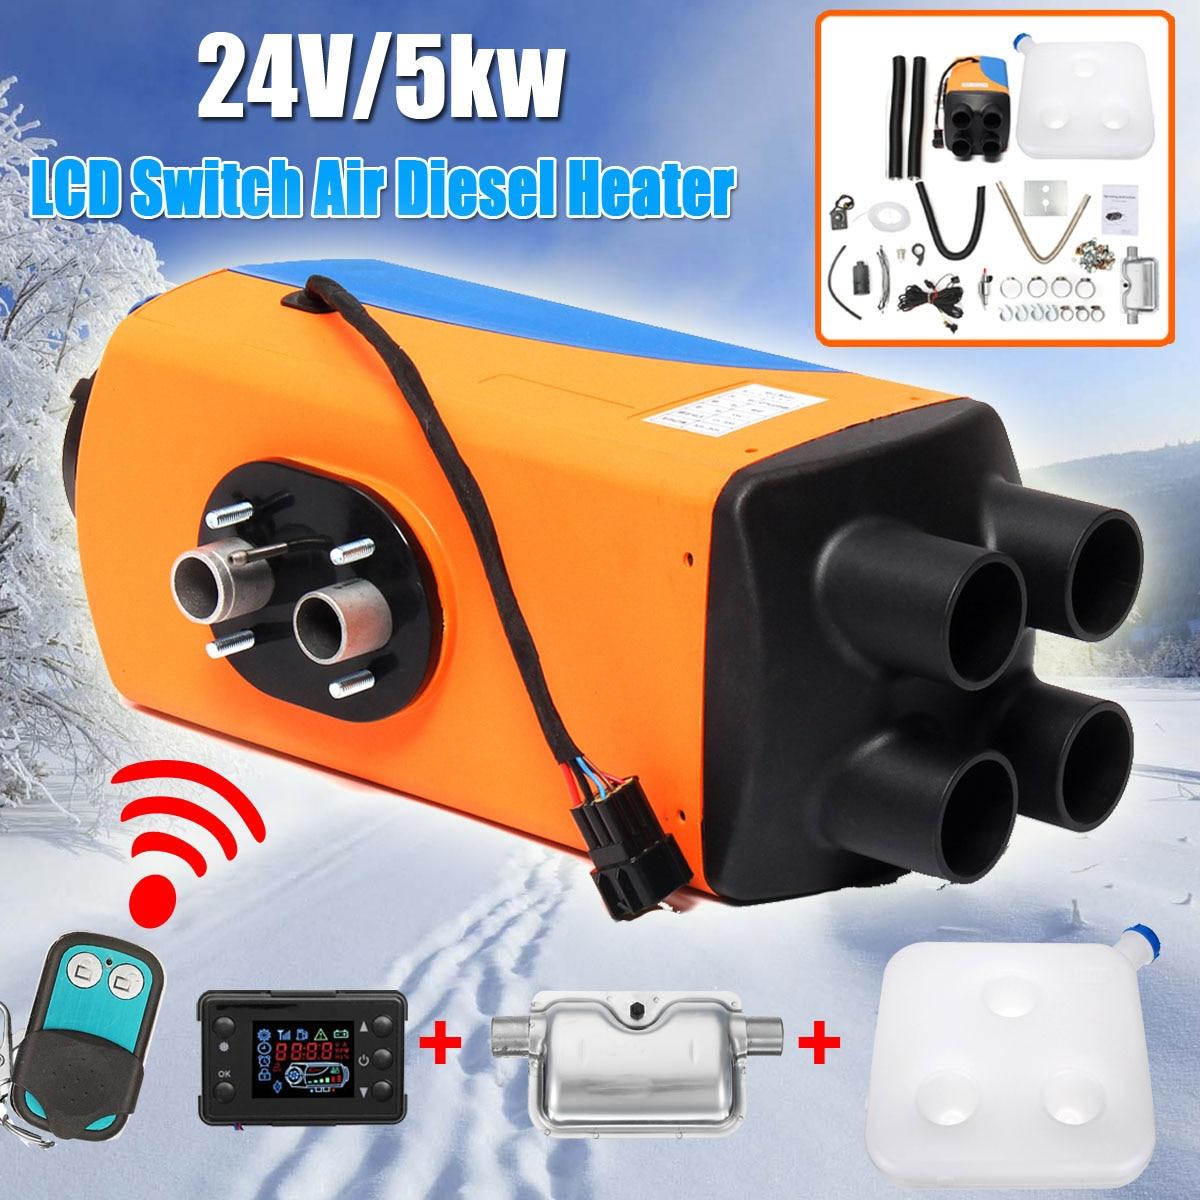 24V voiture chauffage 5KW voiture Parking Air Diesels chauffe-carburant 4 trous 5000W pour RV bateaux camping-Car camions remorque voiture accessoires